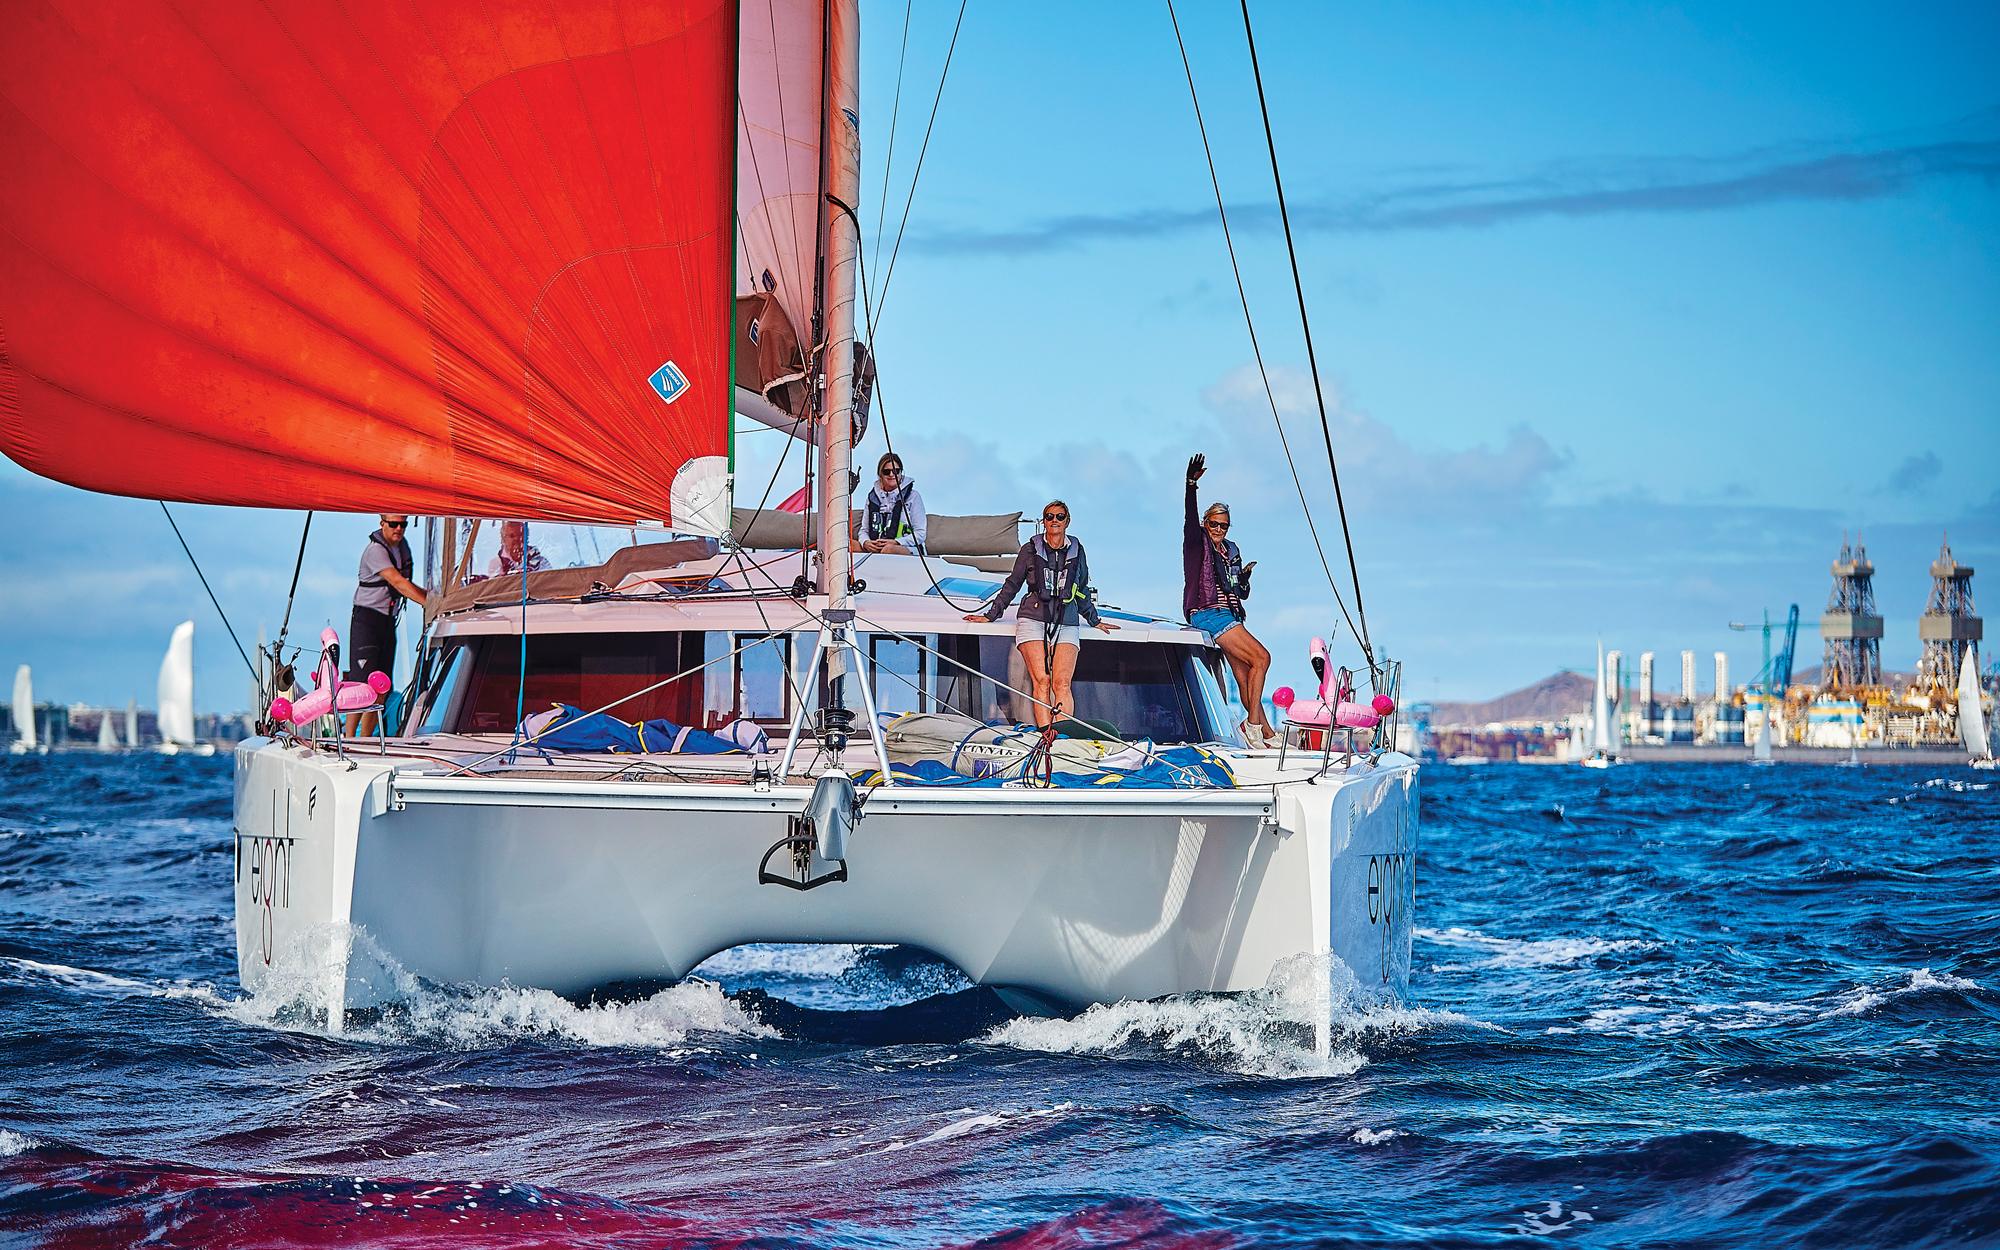 se préparer à naviguer à travers l'arc atlantique-2019-credit-james-mitchell